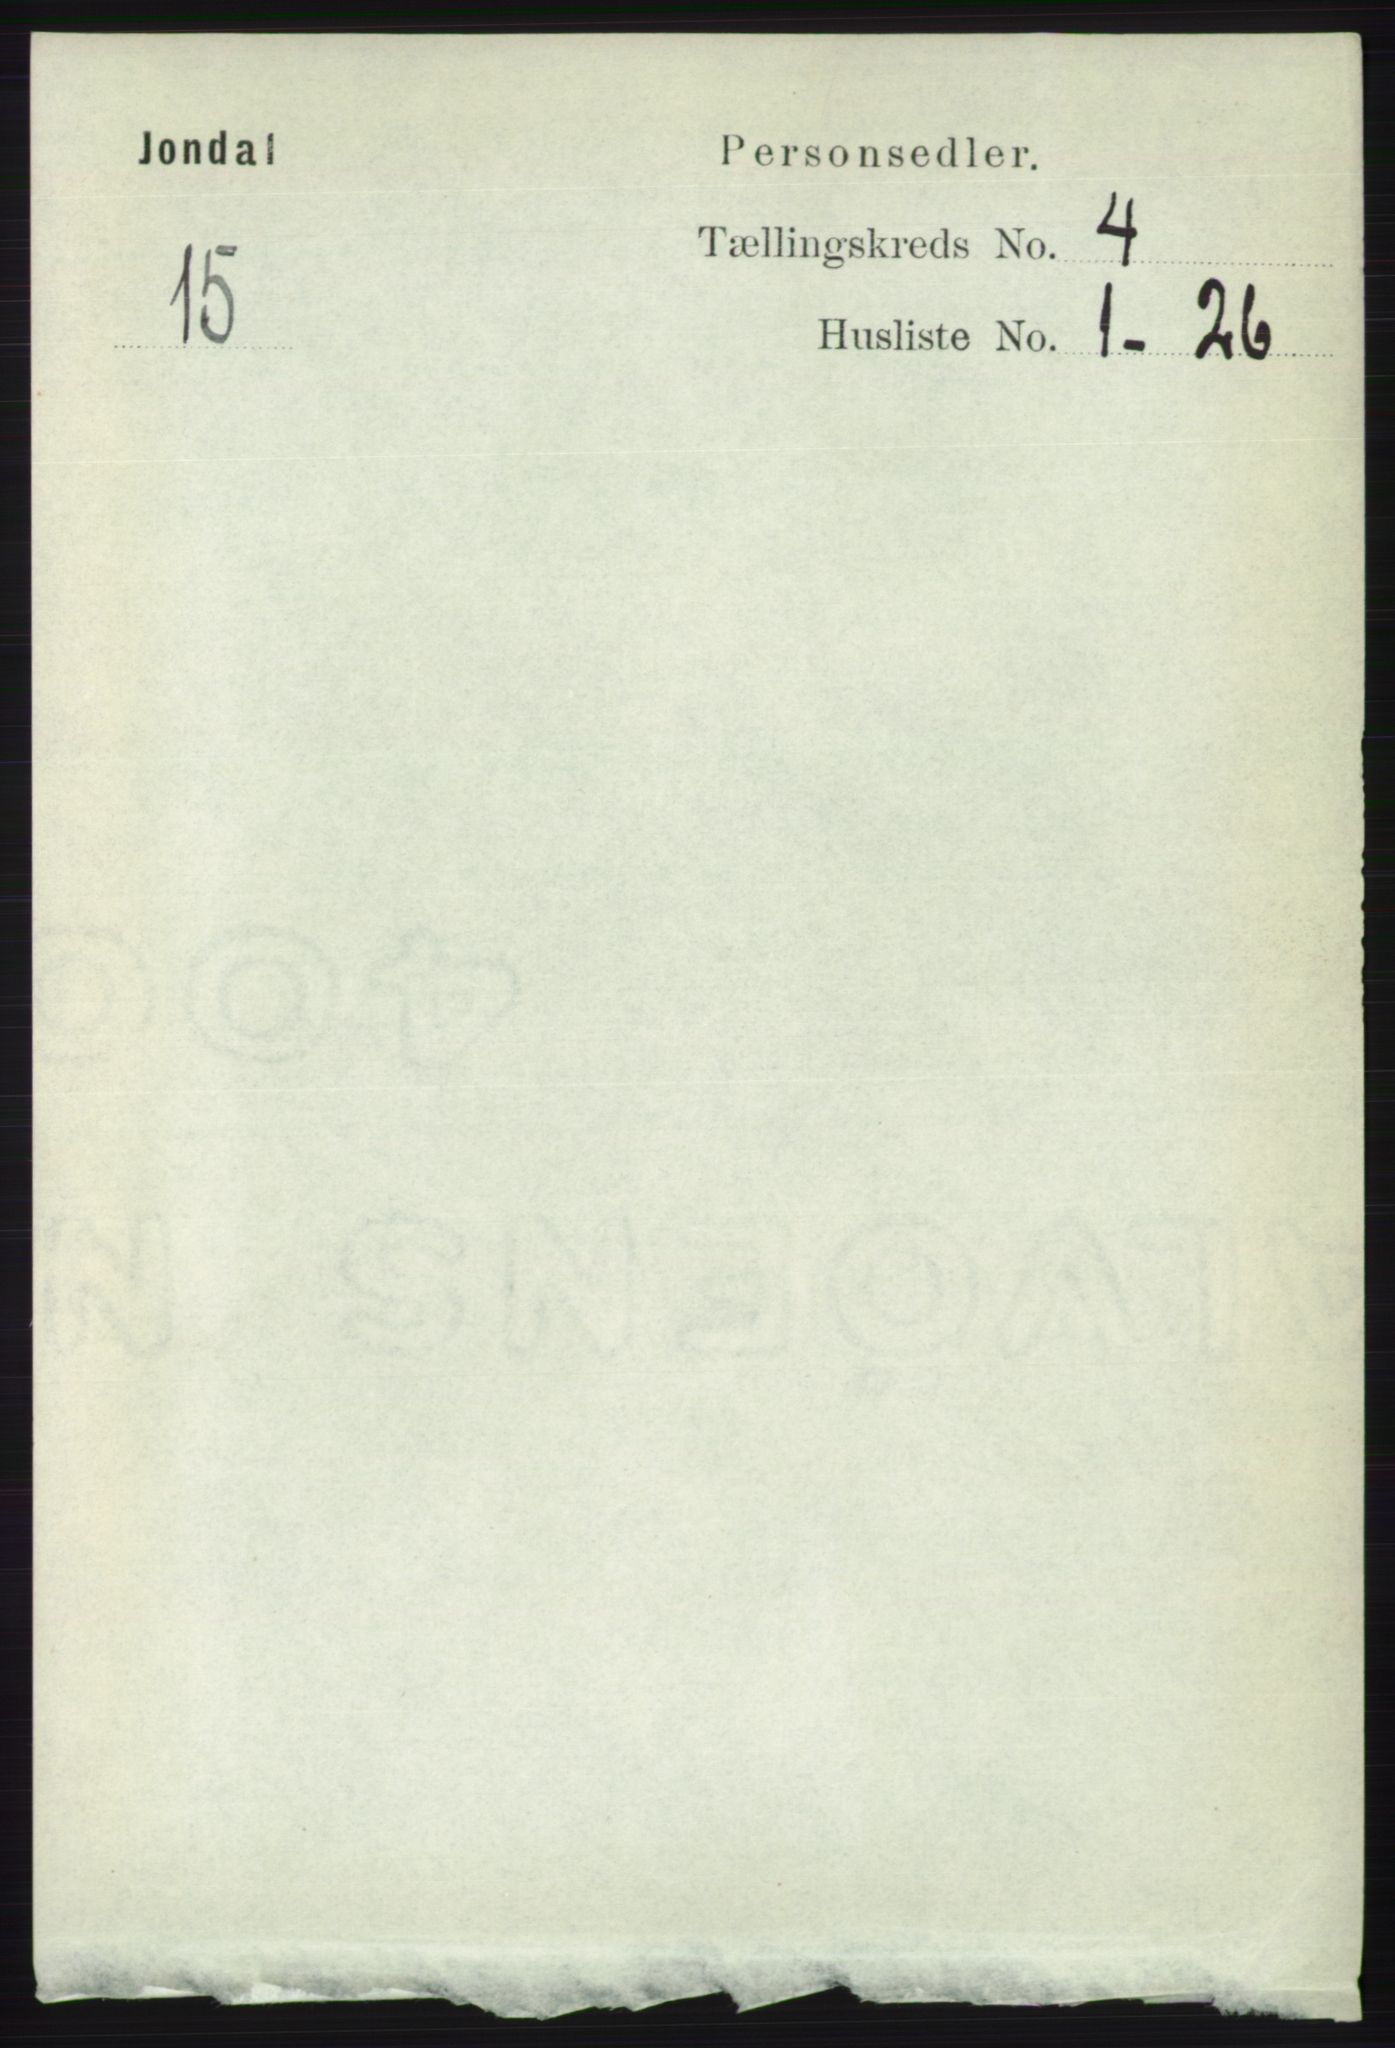 RA, Folketelling 1891 for 1227 Jondal herred, 1891, s. 2060